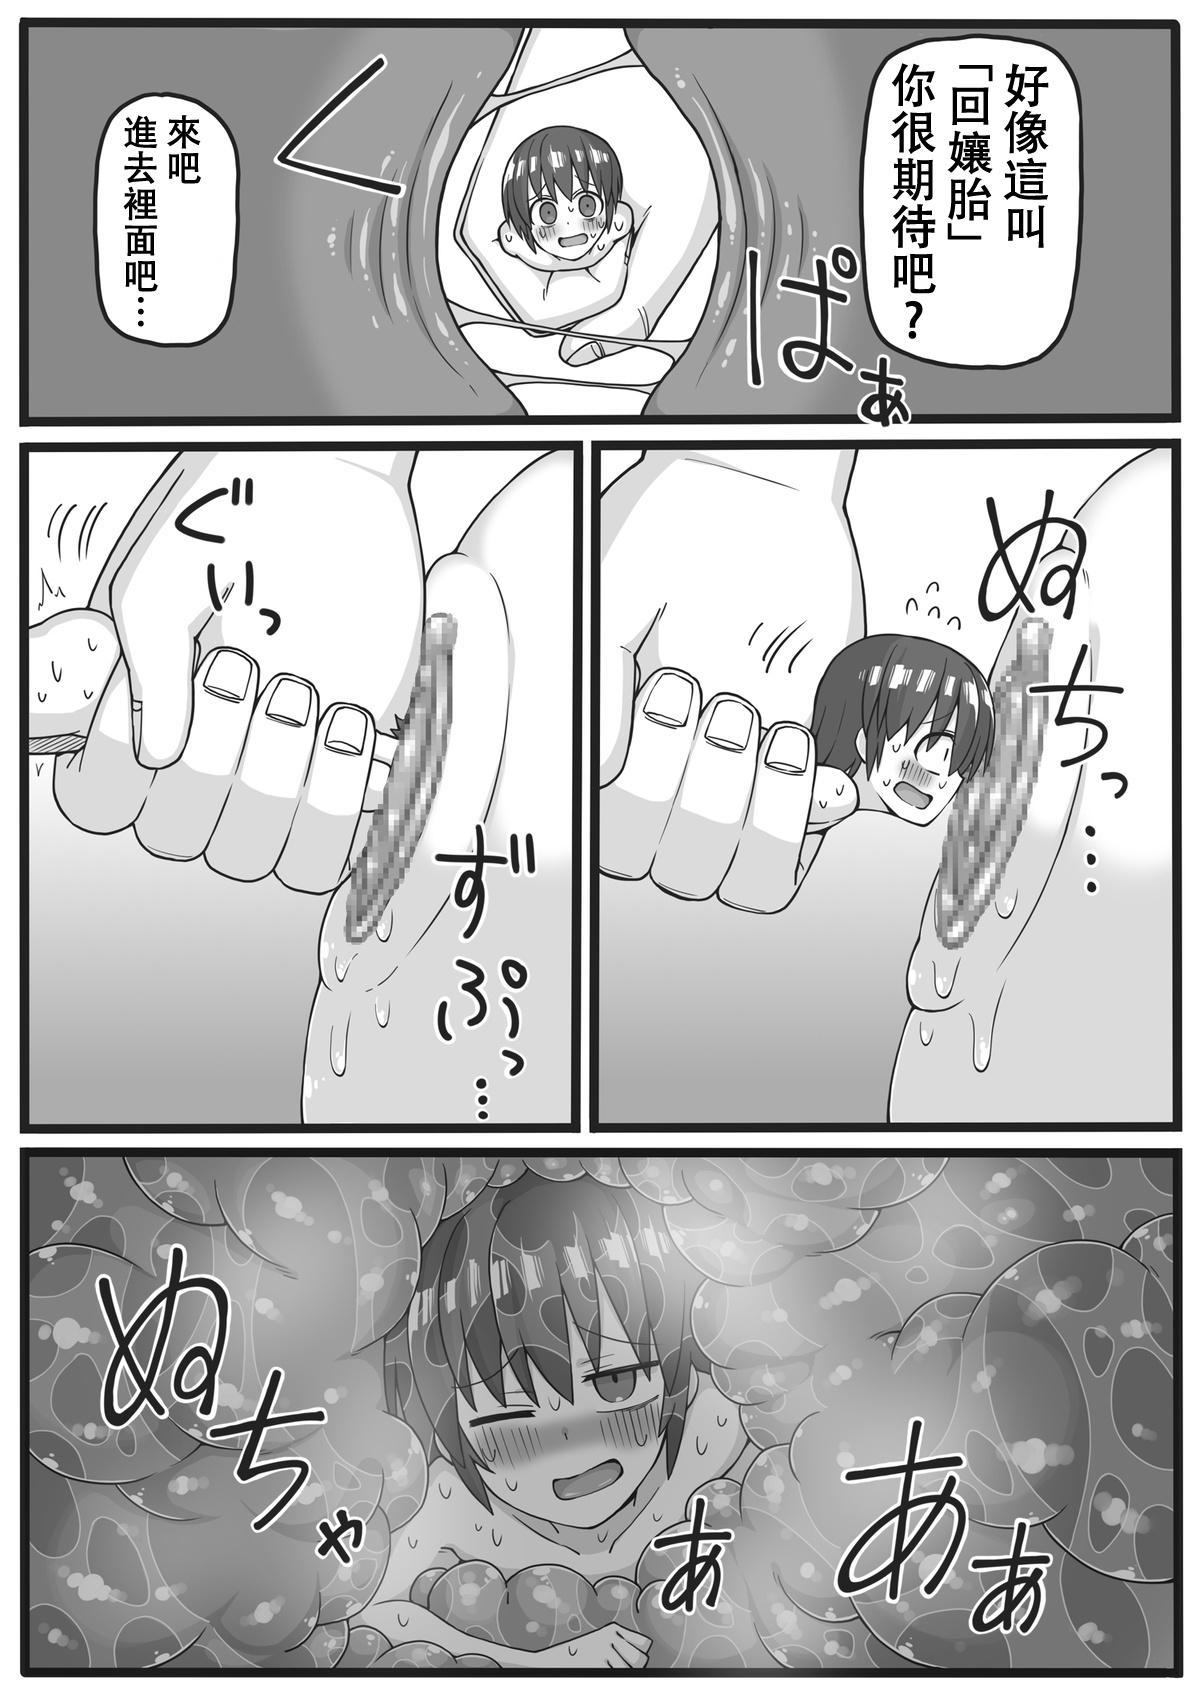 Yuusha ga Chiisaku Ecchi na Koto o Sarete Shimau Manga 18